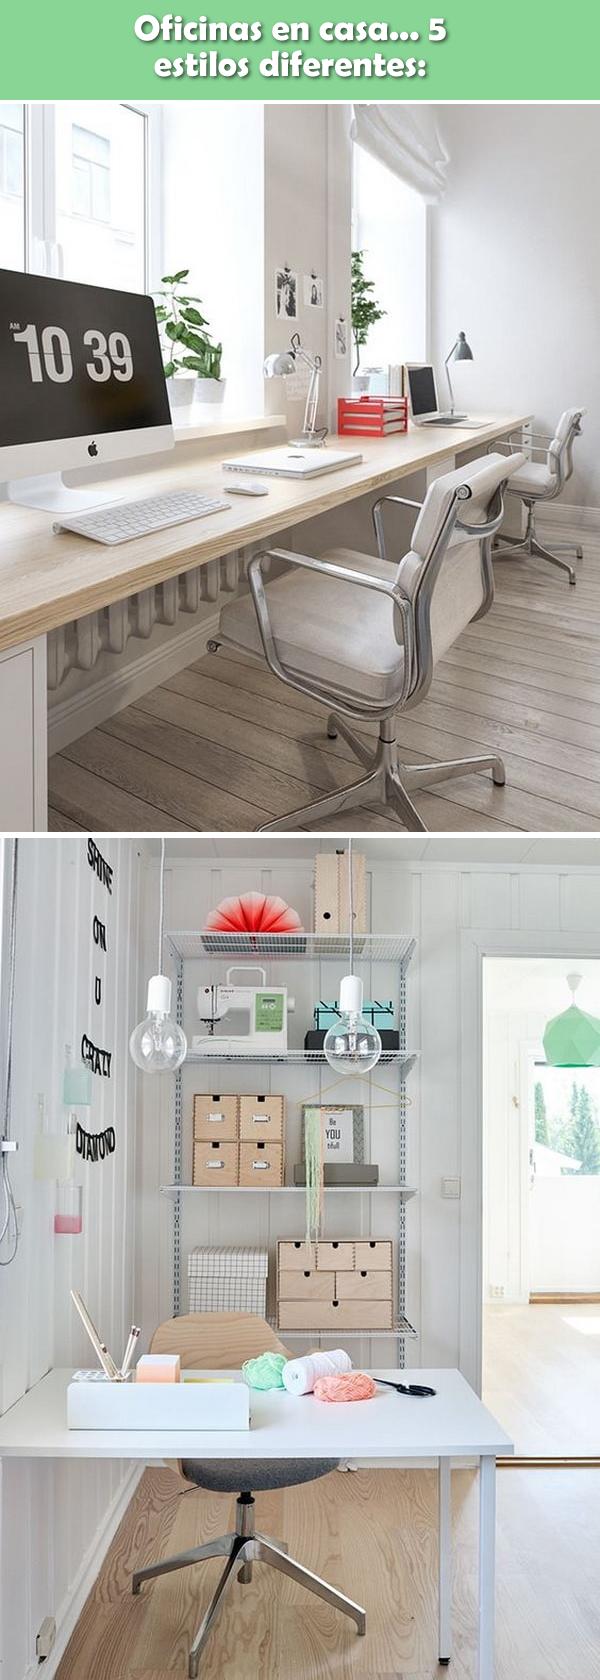 Diferentes estilos para una oficina en casa. Ideas para oficinas en casa.